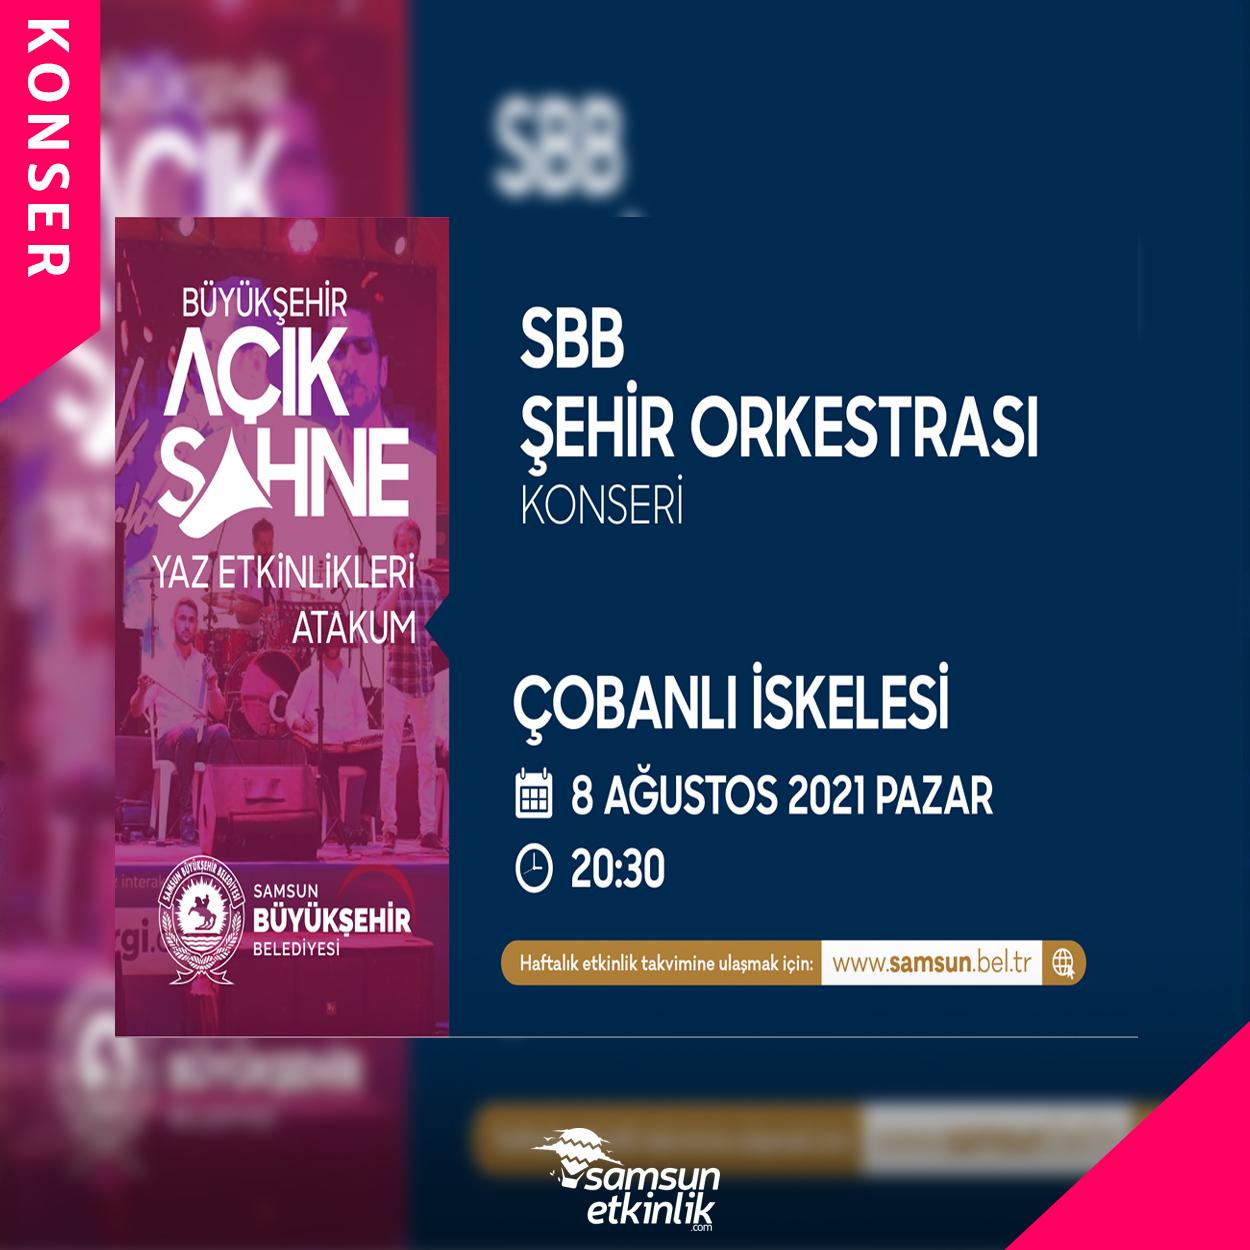 SBB Şehir Orkestrası Konseri